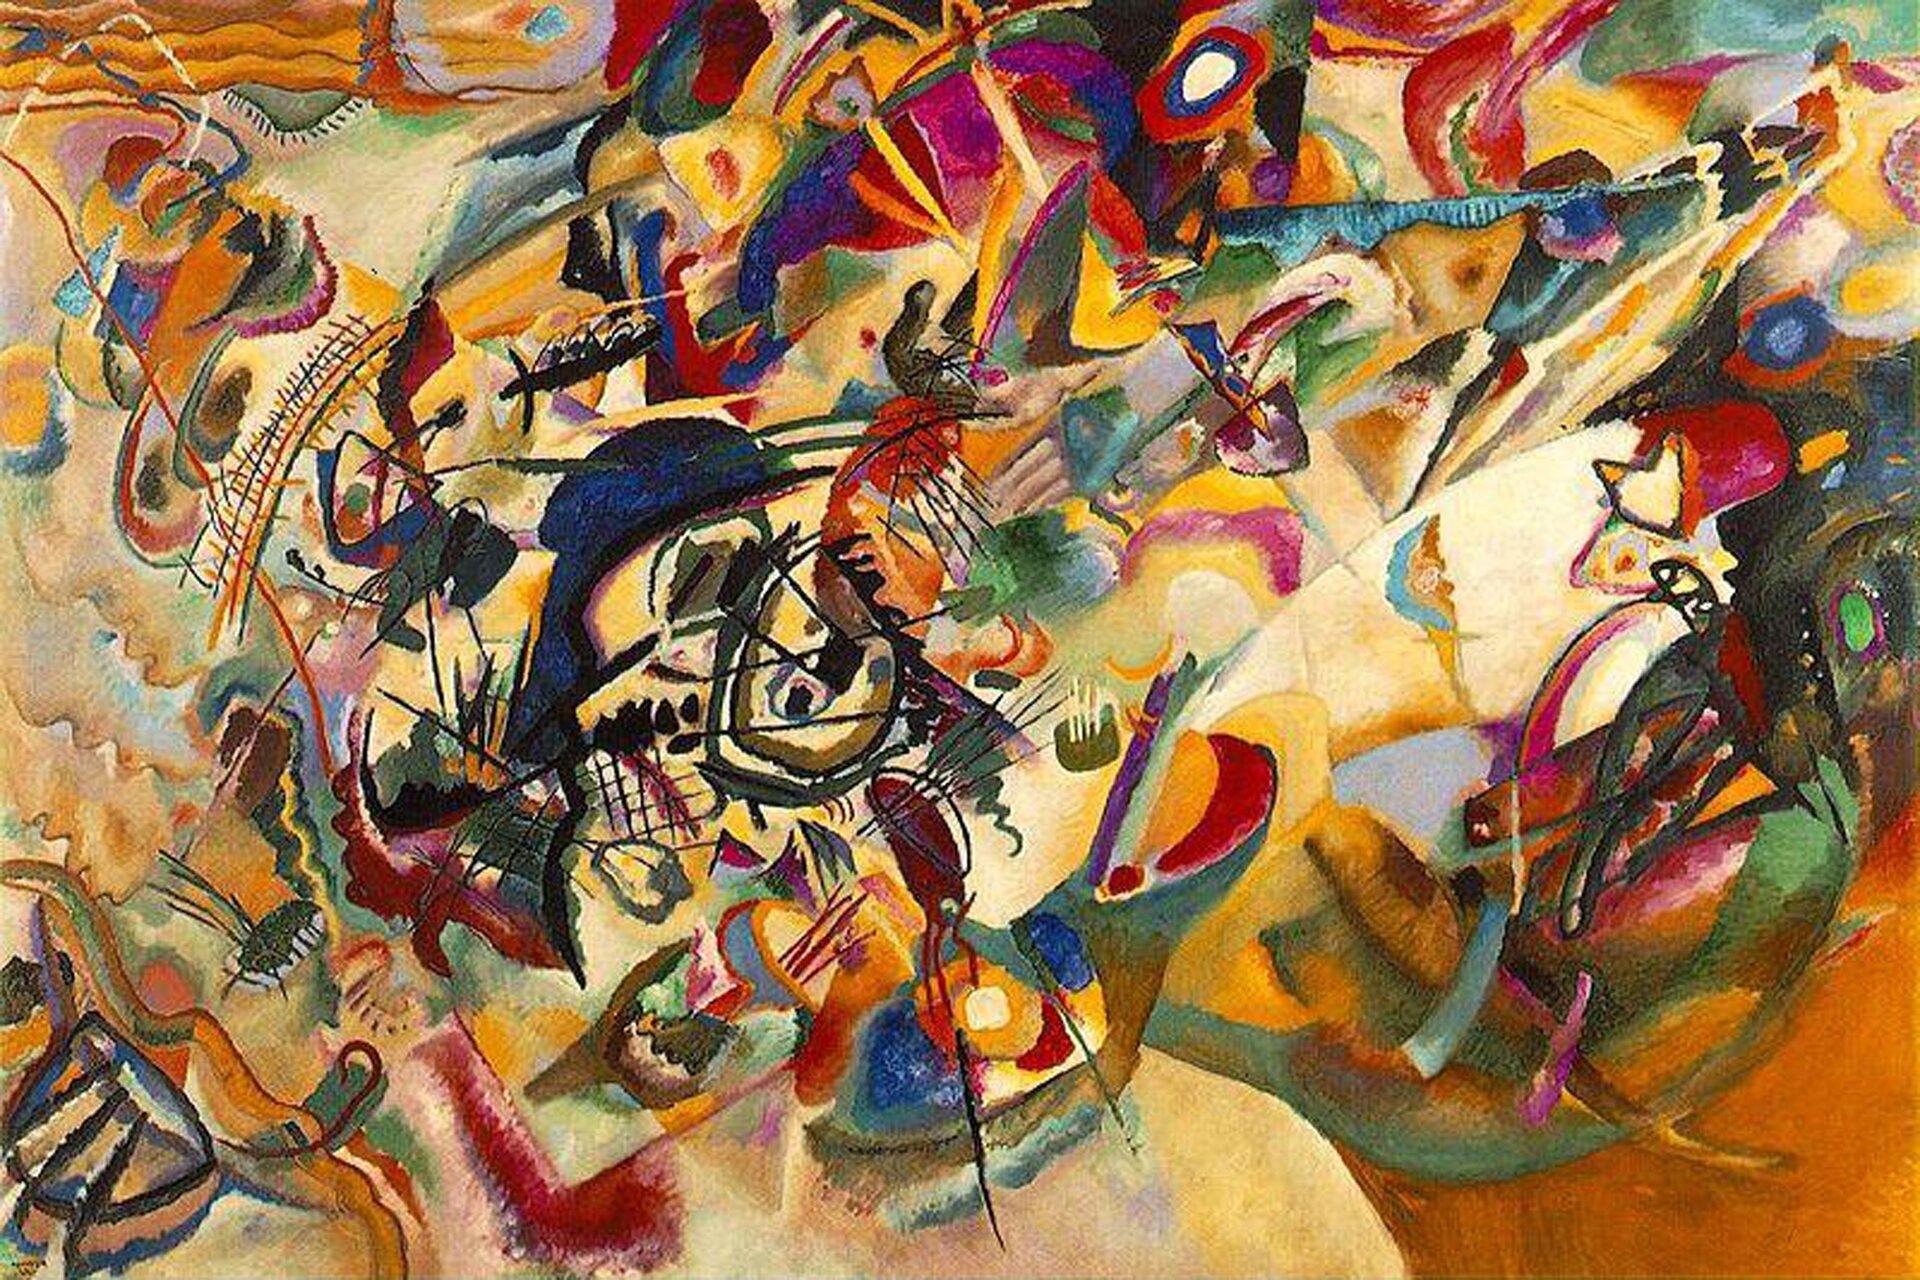 """lustracja przedstawia obraz Wassilya Kandinsky'ego pt. """"Kompozycja VII"""". Ukazuje ona kubistyczne dzieło. Kompozycja złożona jest znakładających się na siebie plam kolorów iniewielkiej ilości geometrycznych kształtów. Obraz epatuje wielością barw. Przyciąga kłębowisko czarnych linii ifioletowych plam, znajdujące się nieco na lewo od centrum obrazu. Tworzy ono """"punkt ciężkości"""" kompozycji, kształty na prawo od niej są mniej wyraźne, zaś barwy nieco cieplejsze."""